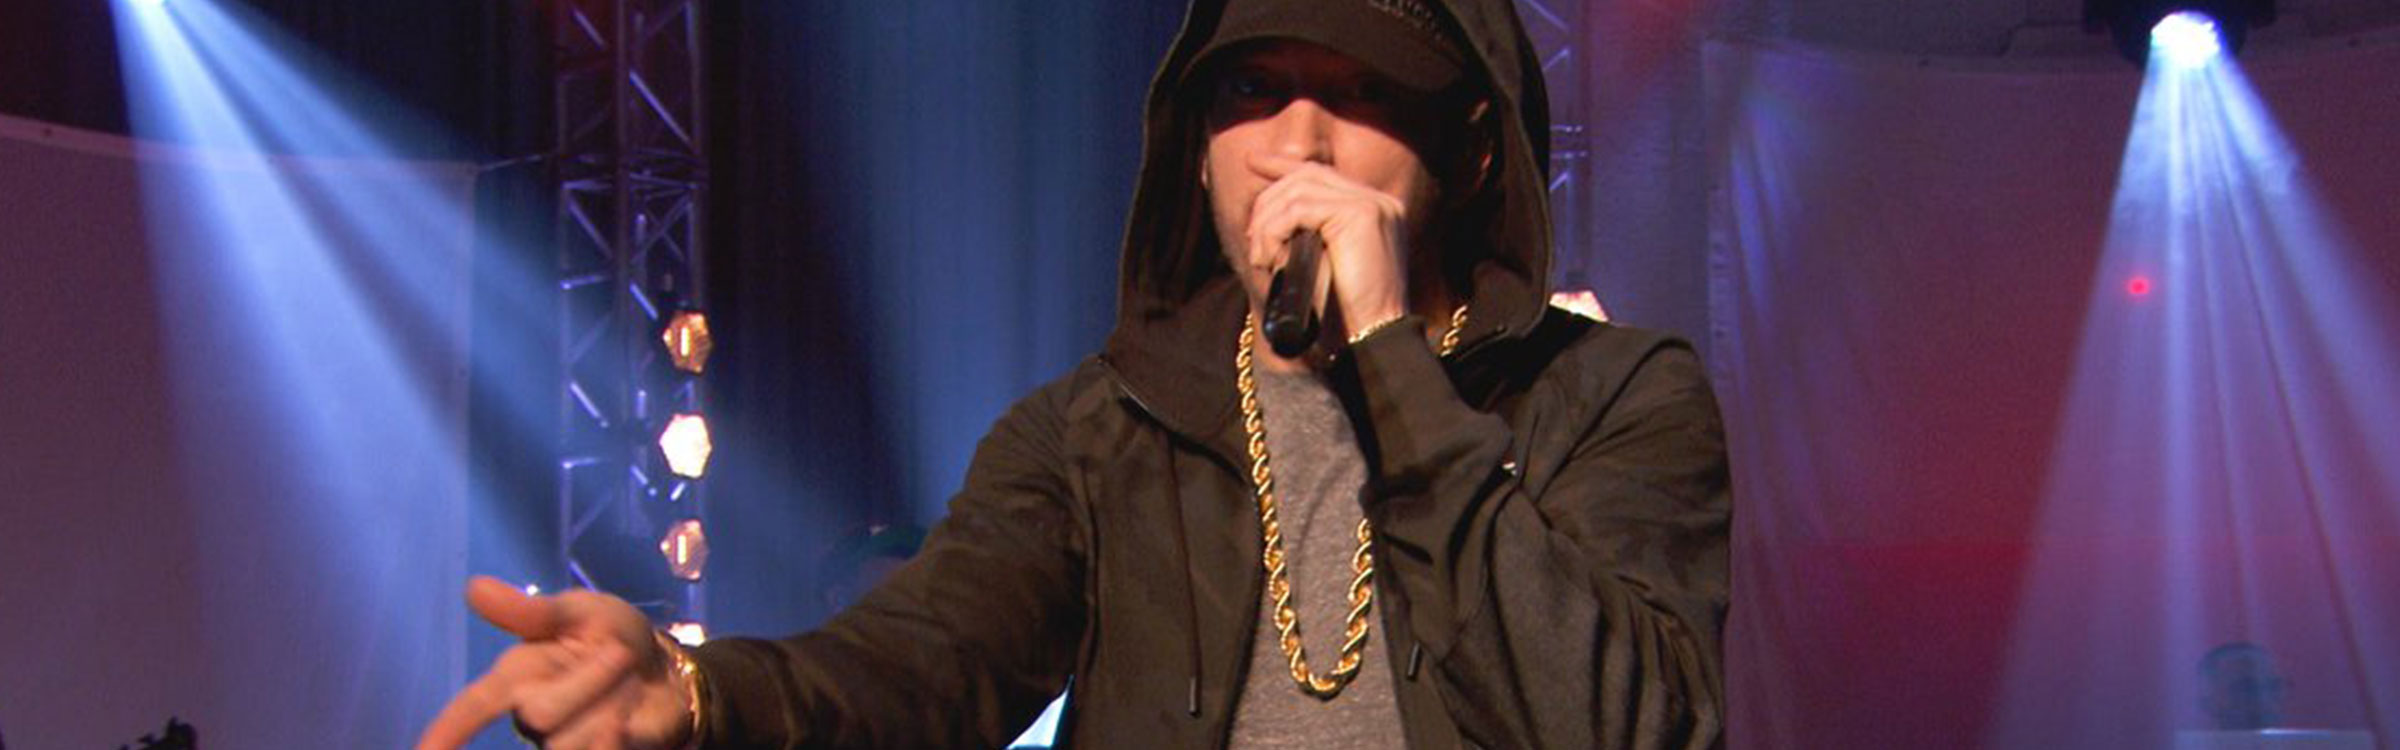 Eminemanniemacheader